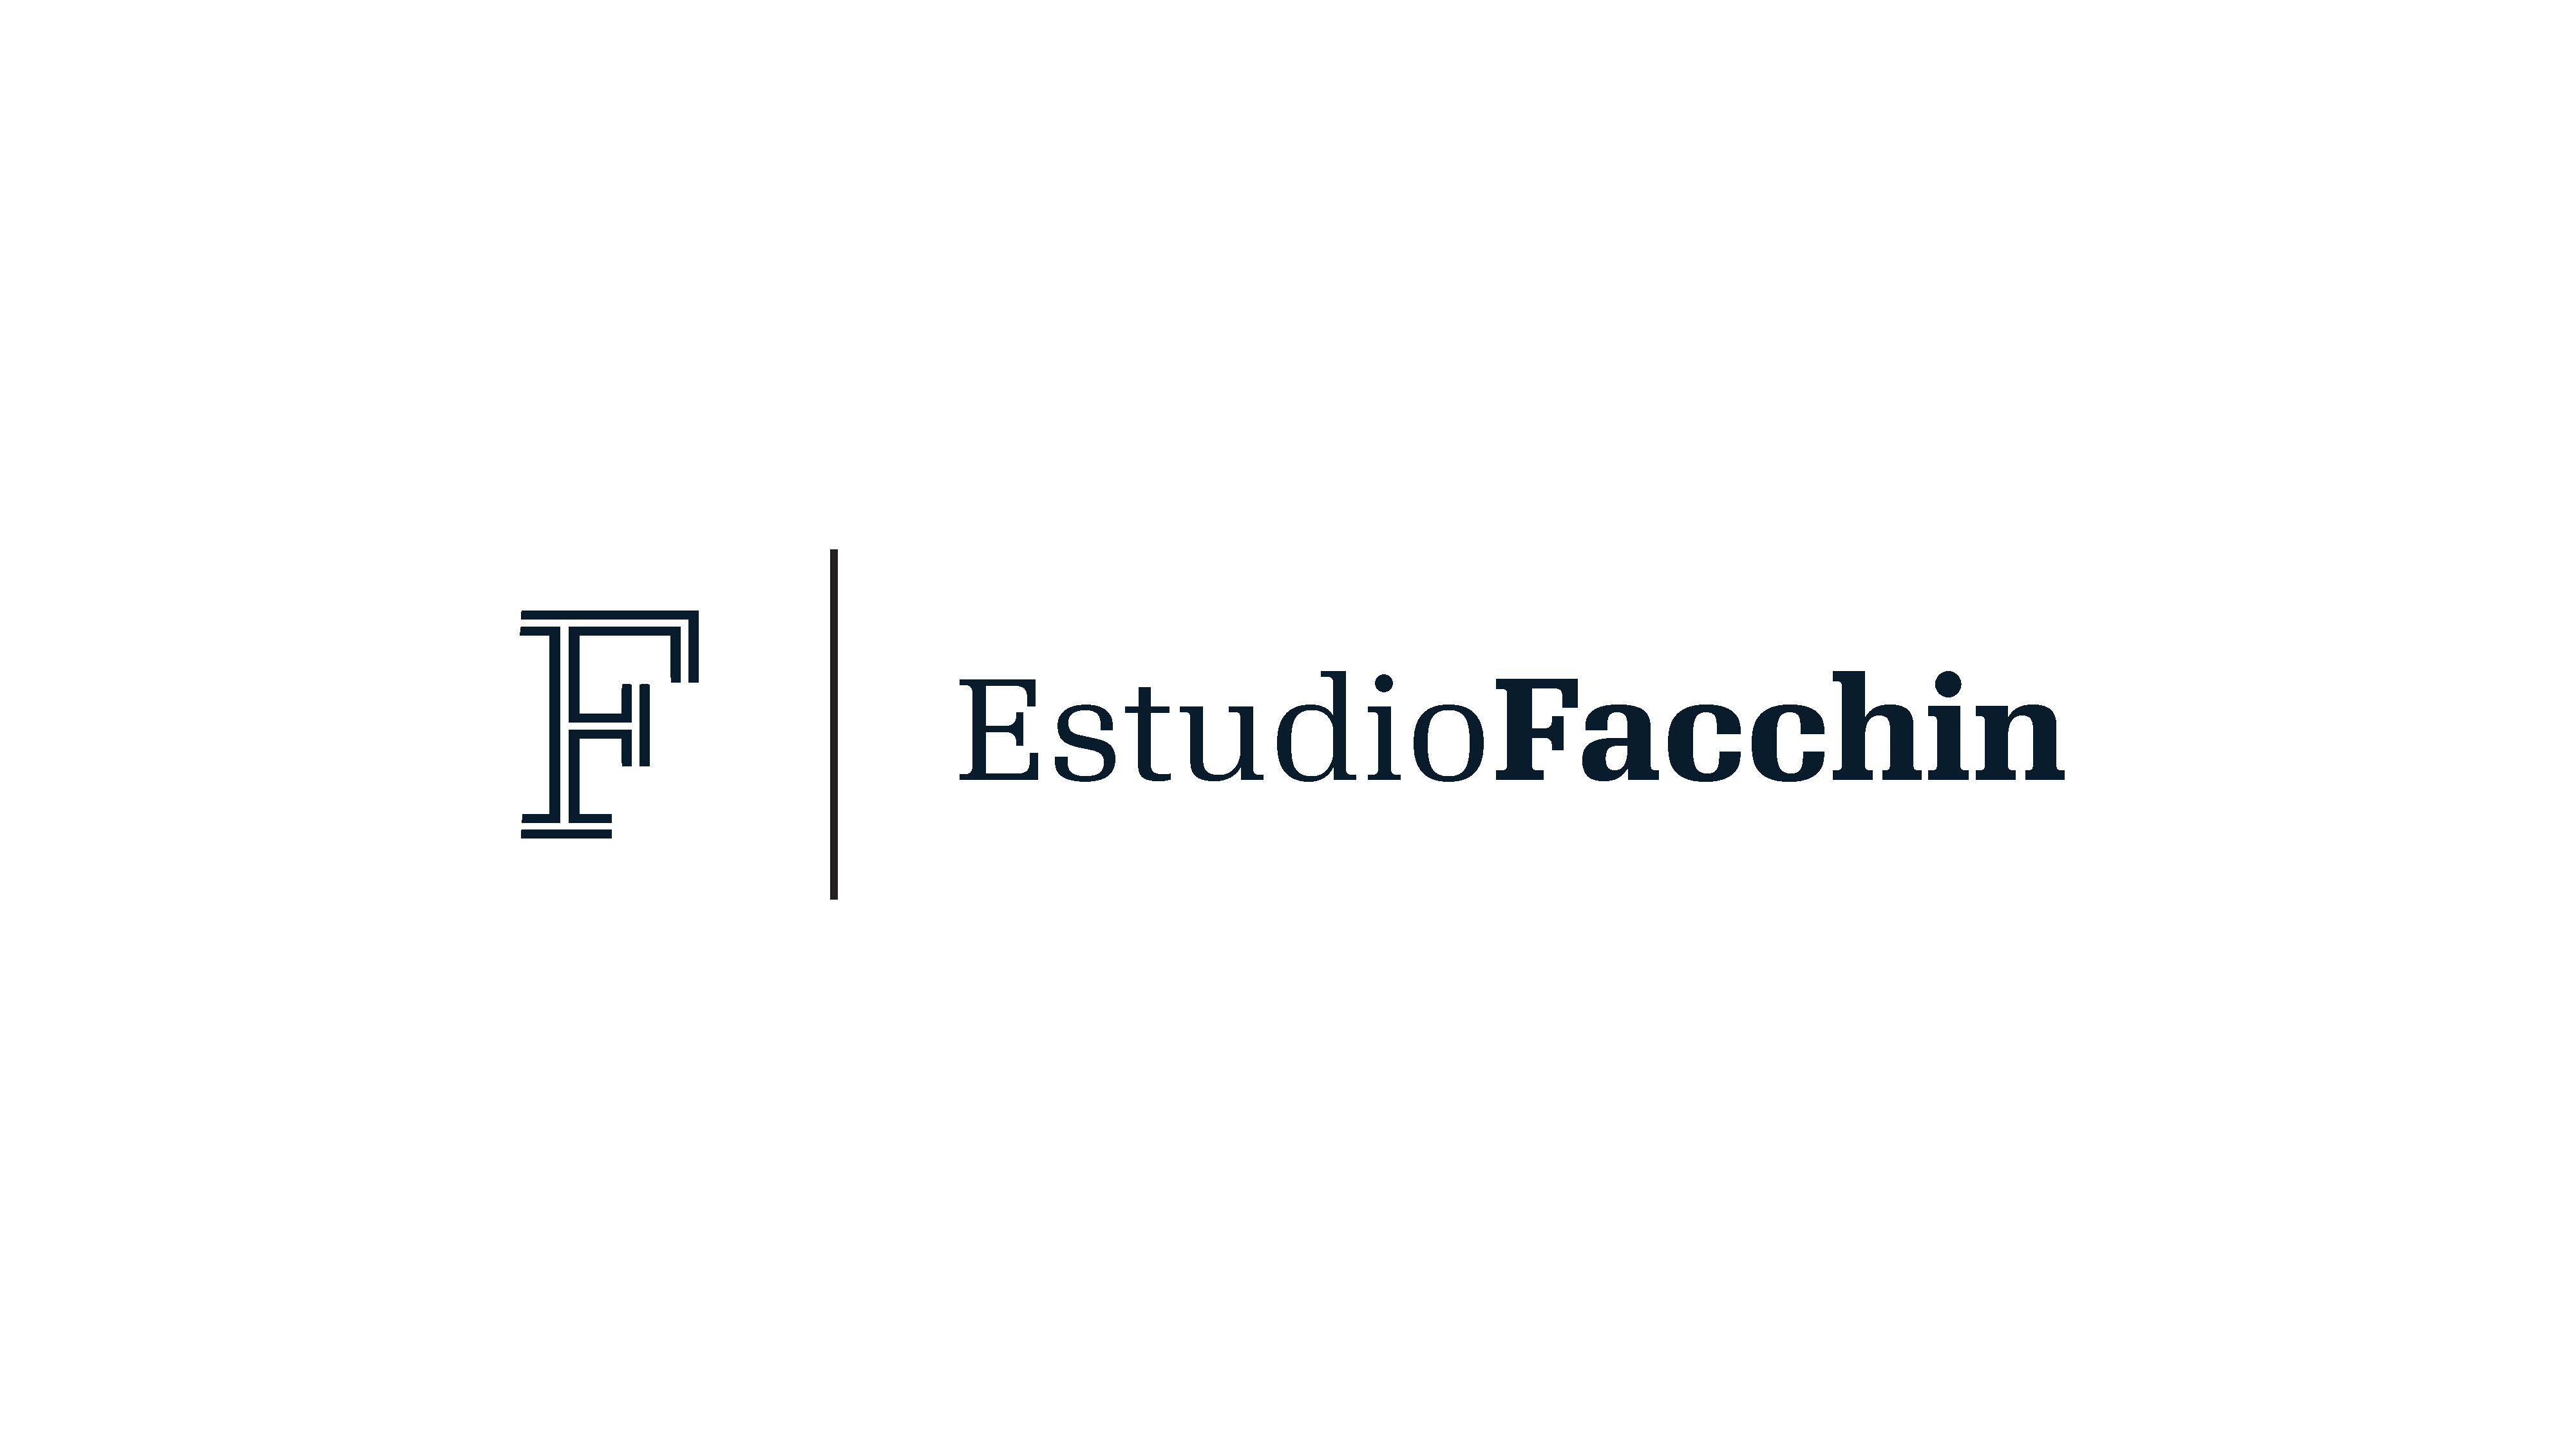 Estudio Facchin